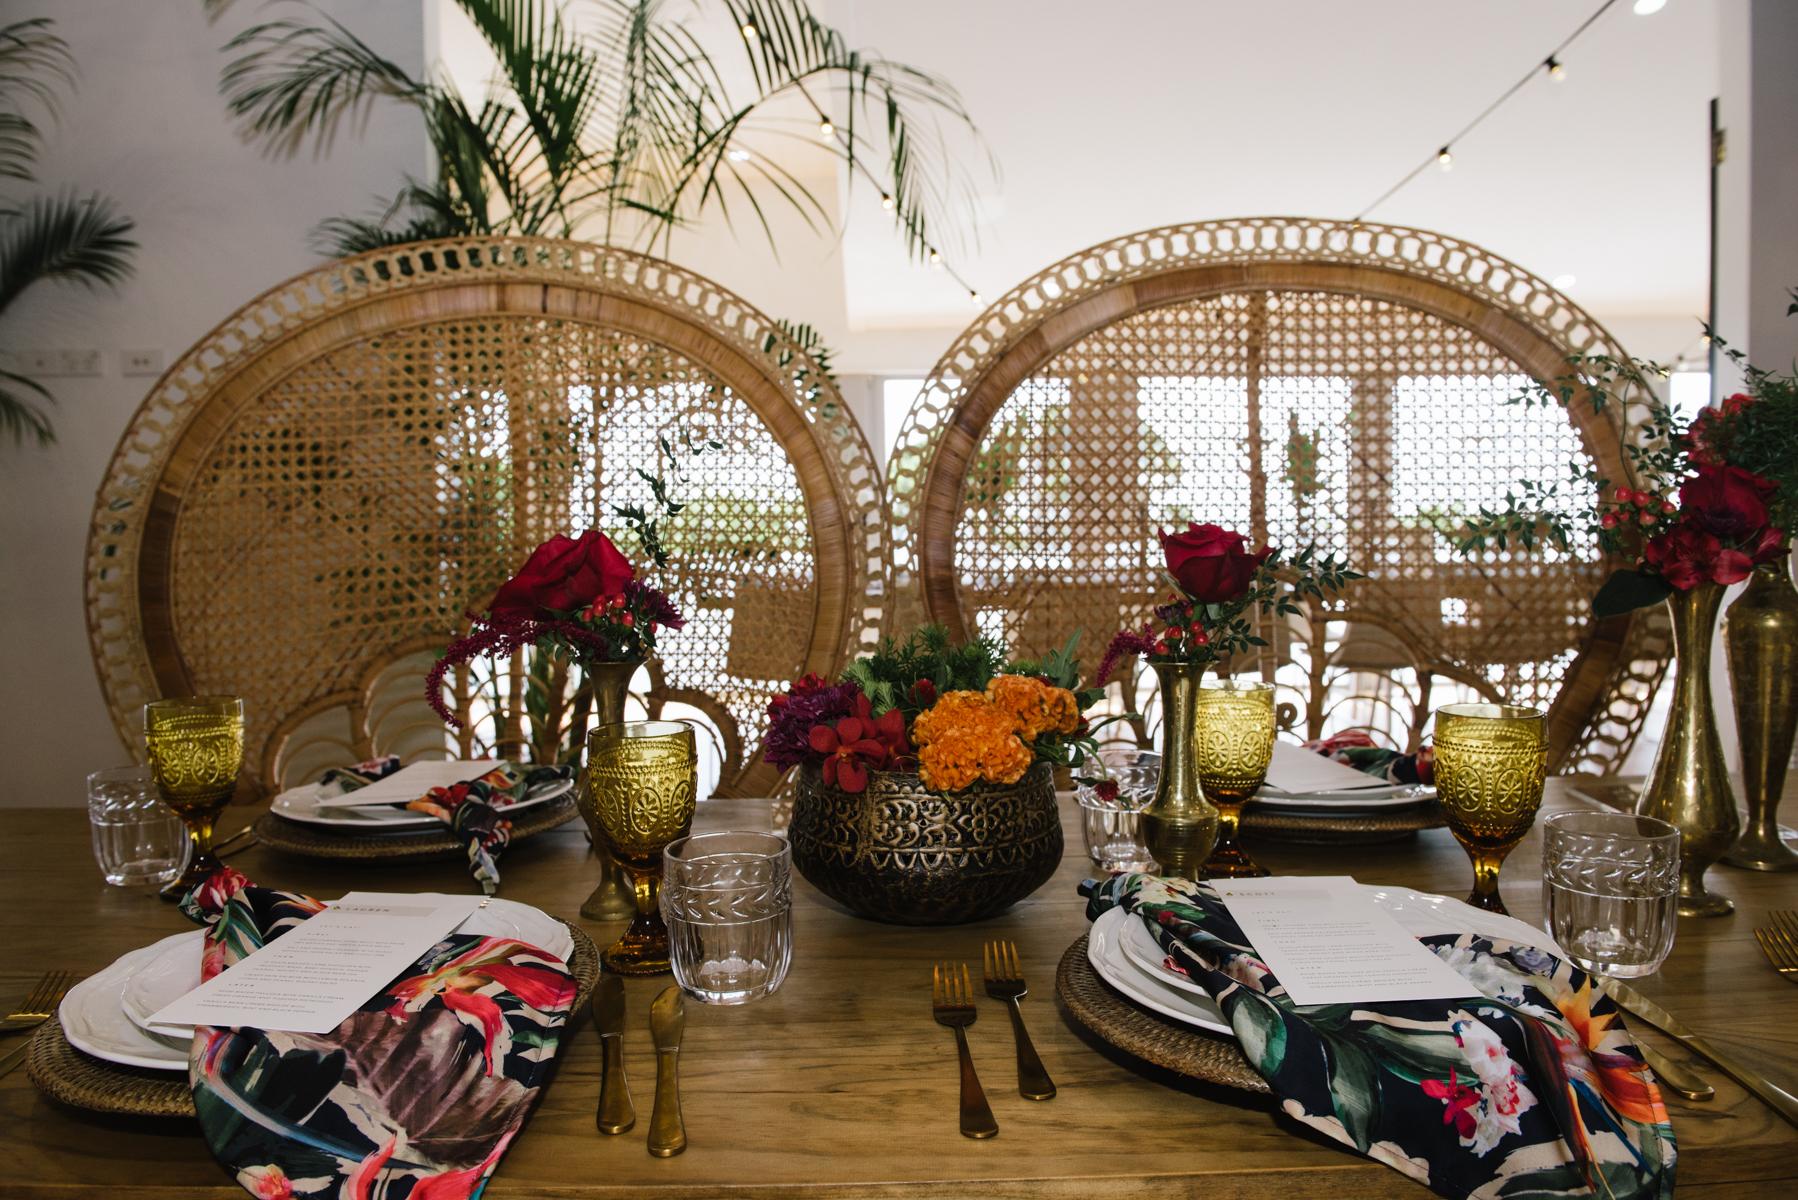 babalou-wedding- skyla sage photography weddings, families, byron bay,tweed coast,kingscliff,cabarita,gold coast-53.jpg